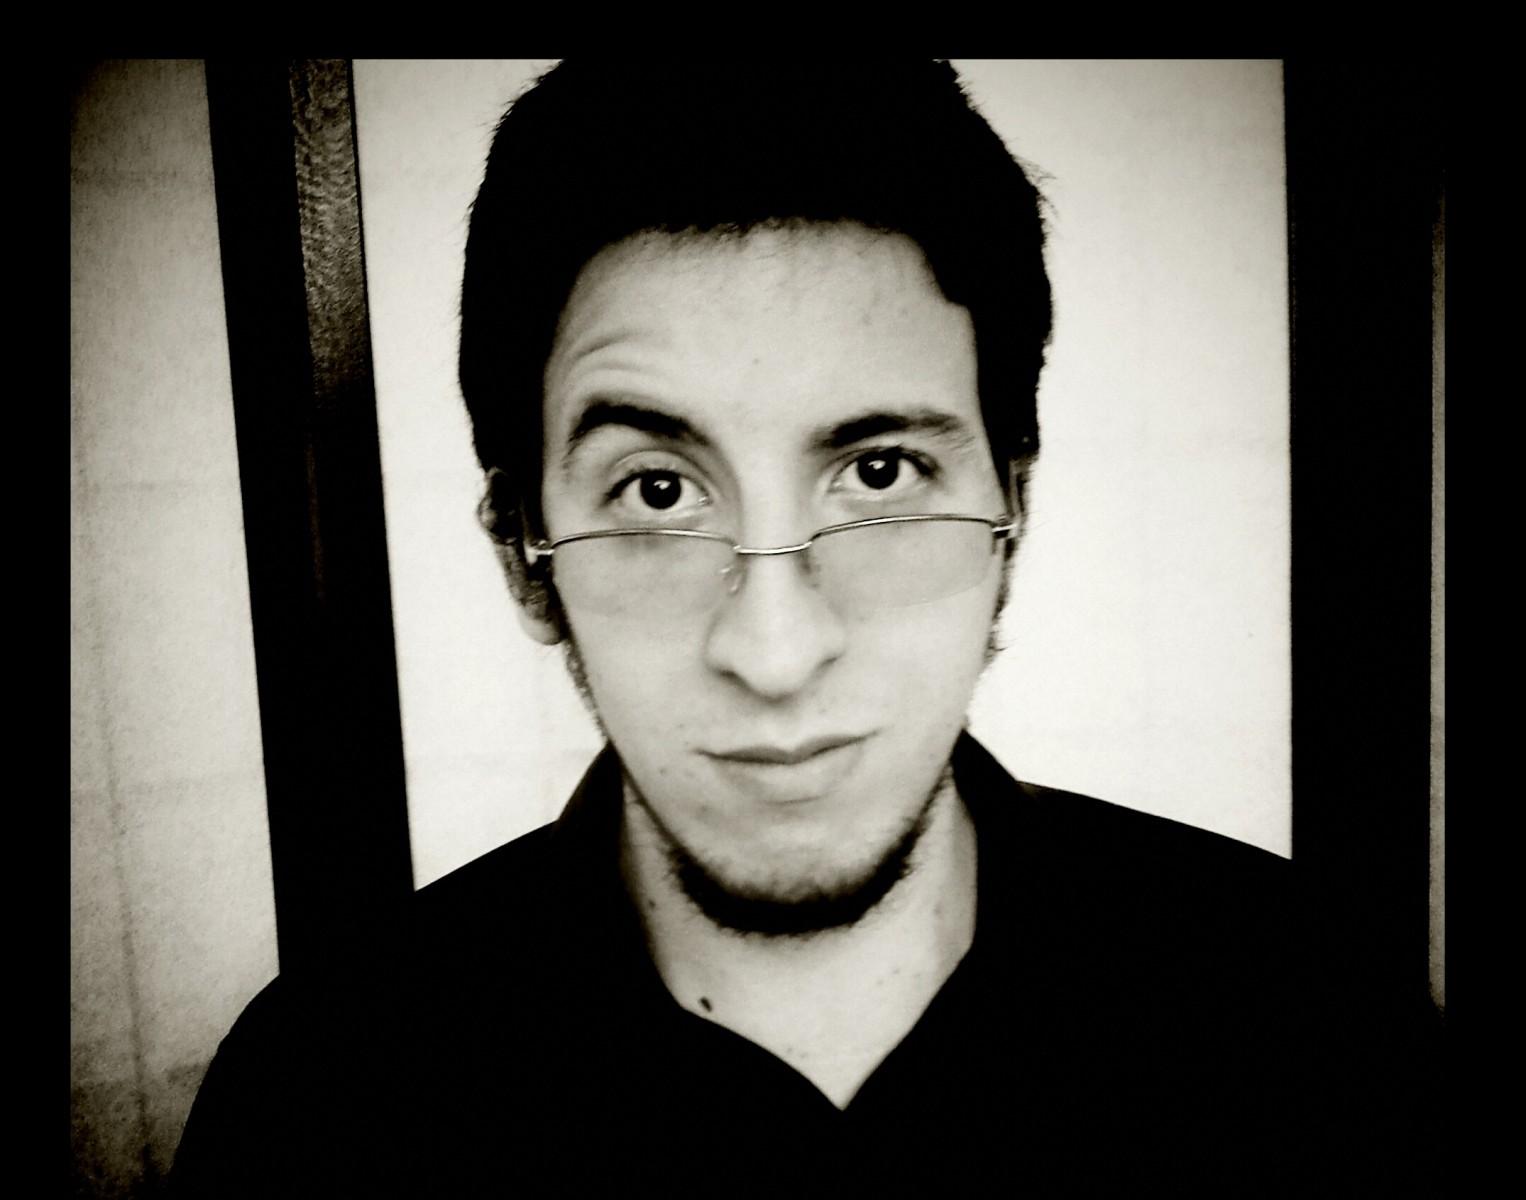 PAS Nantes 2011 - Matheus Antunes (Brésil) - Producteur - NO MORE MILK